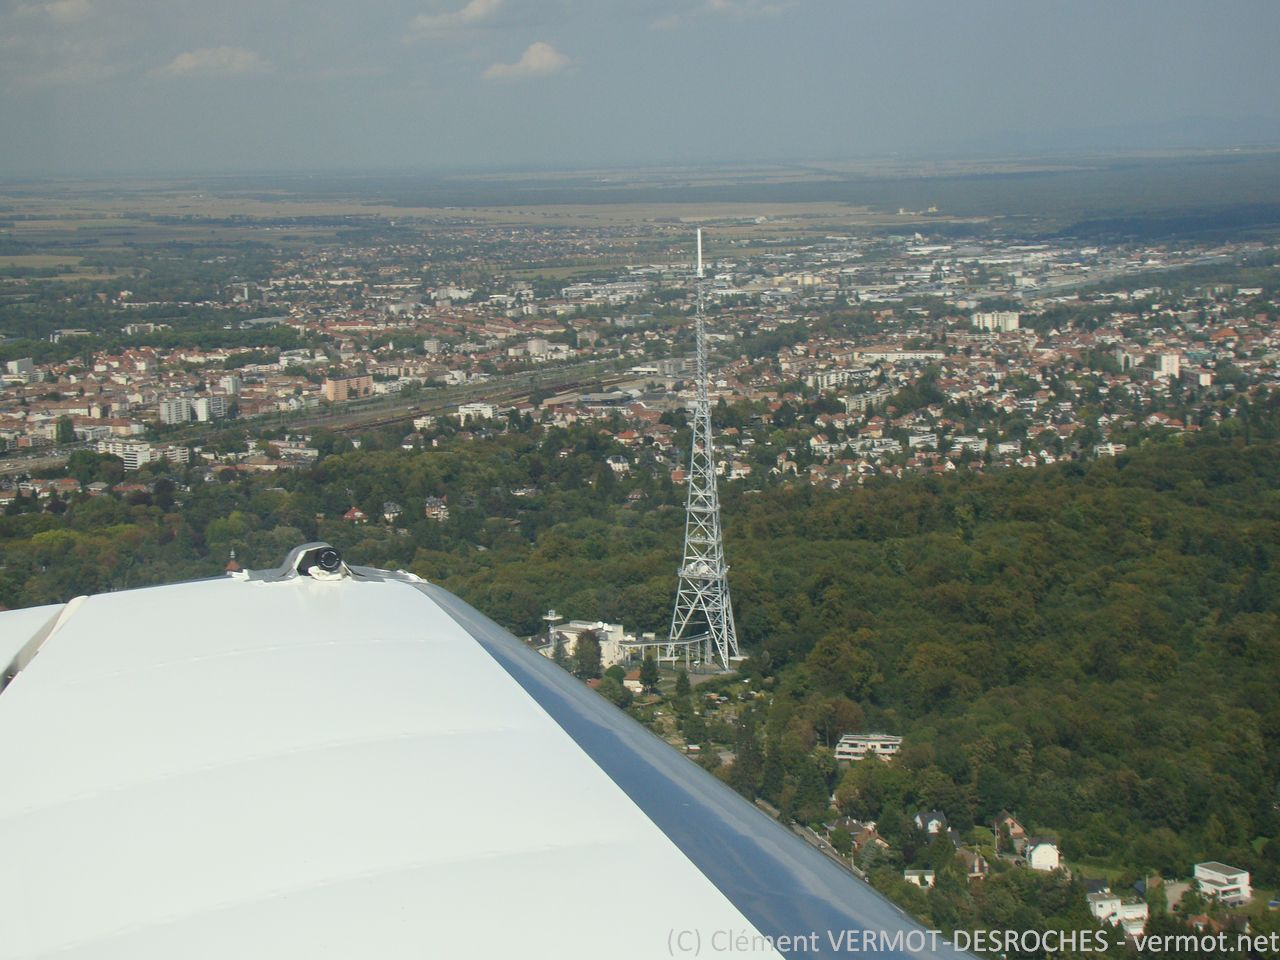 Le point WH (Whisy Hôtel pour les intimes) de Mulhouse Habsheim, 1706 ft en haut de l'antenne, nous sommes à 1800 ft)